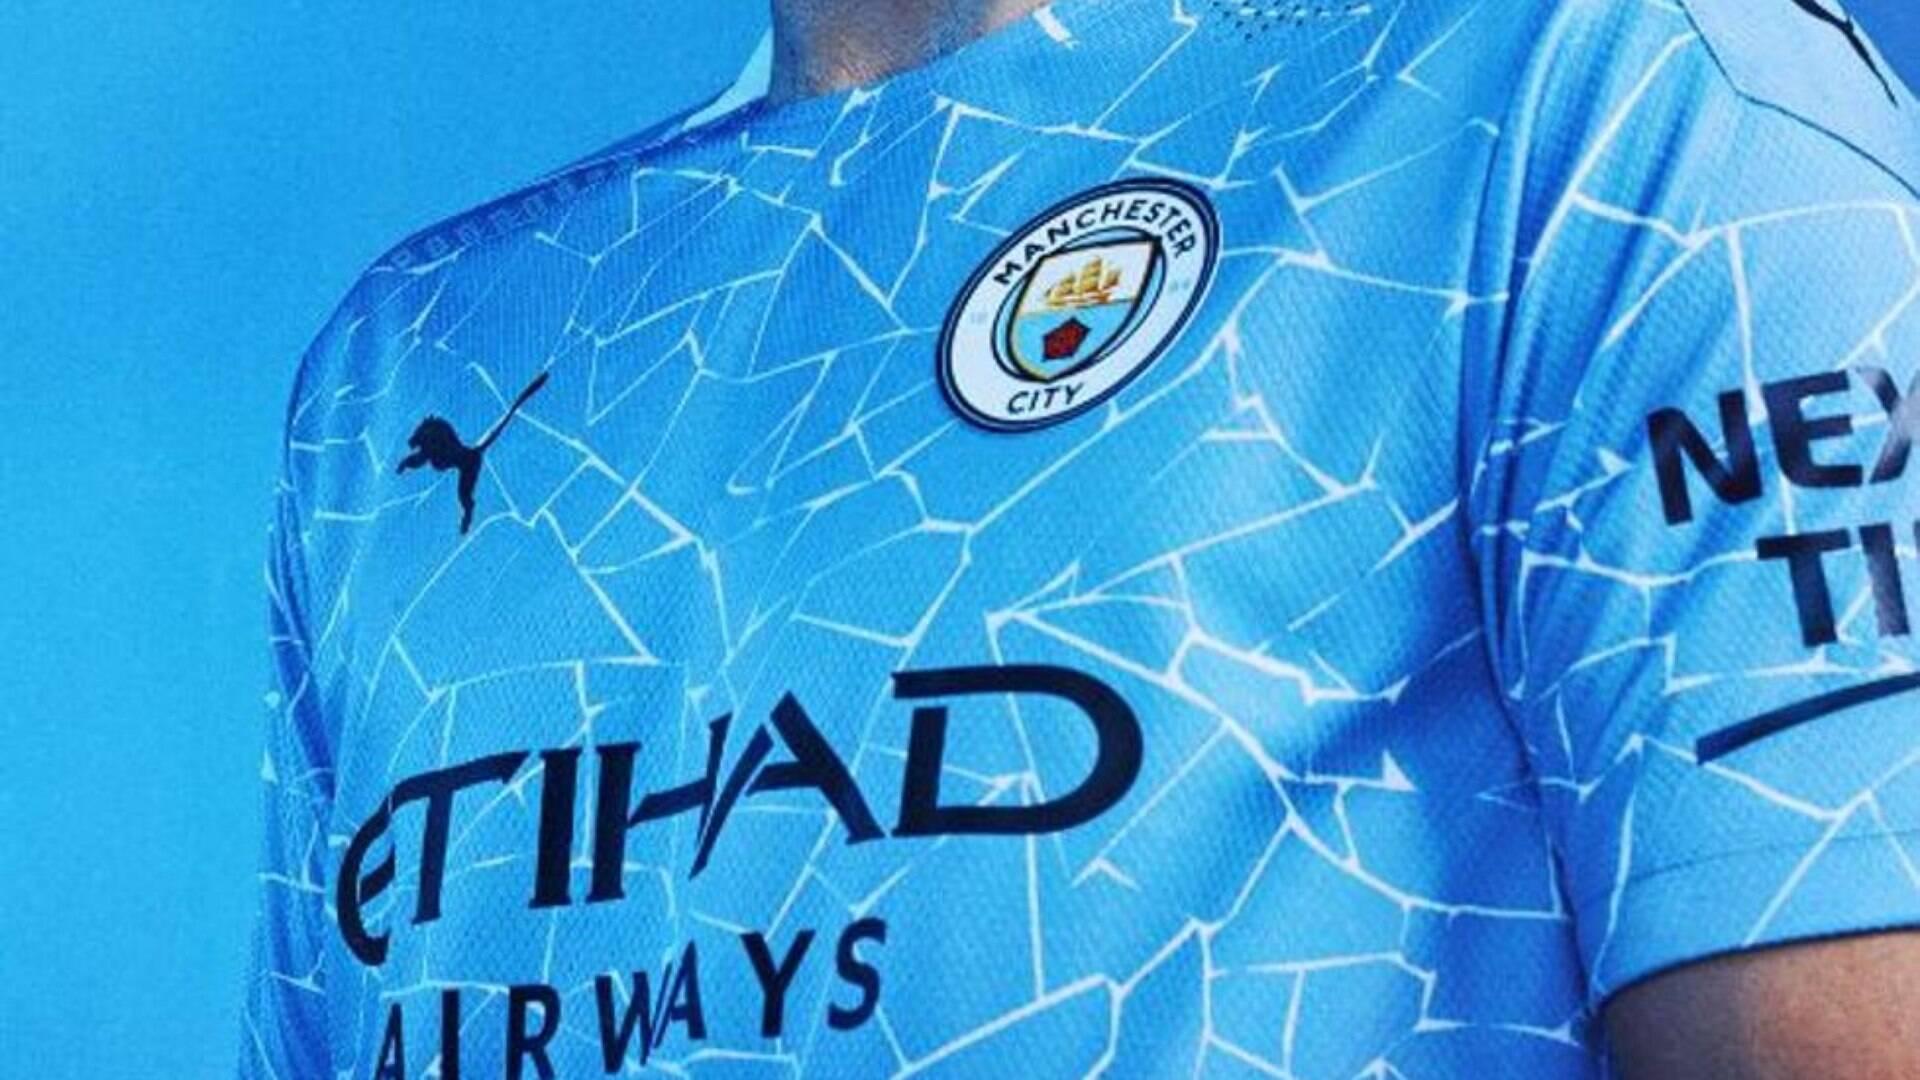 Manchester City Apresenta Sua Nova Camisa Veja Detalhes Internacional Ig